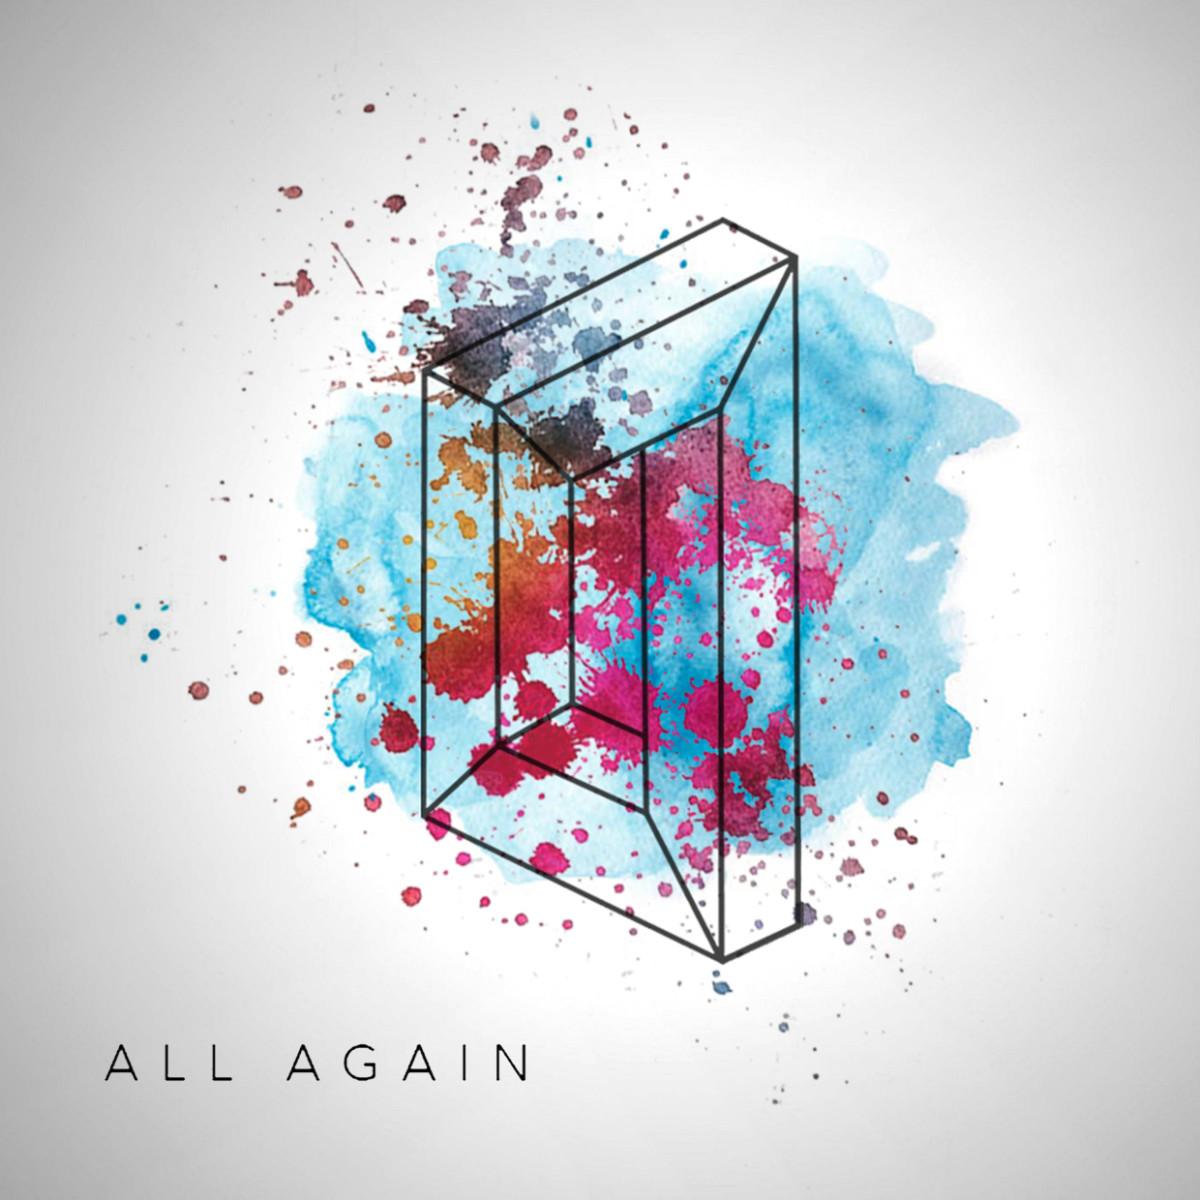 Conan Mac - All Again (ALBUM ARTWORK)